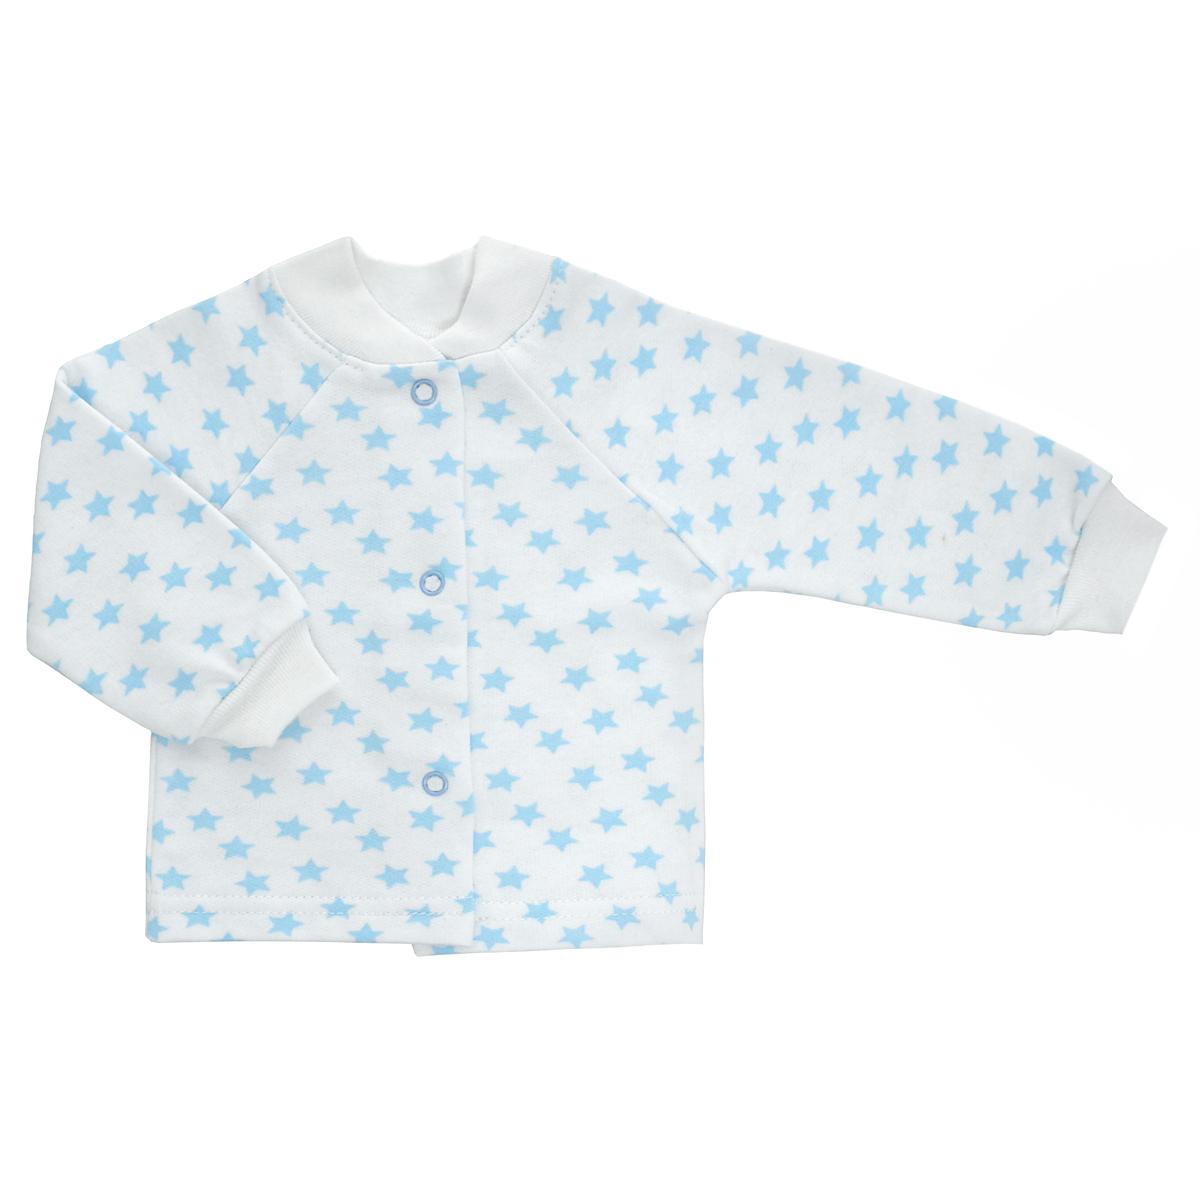 Кофточка детская Трон-Плюс, цвет: белый, голубой, рисунок звезды. 5174. Размер 62, 3 месяца5174Кофточка для новорожденного Трон-плюс с длинными рукавами и небольшим воротничком-стоечкой послужит идеальным дополнением к гардеробу вашего ребенка, обеспечивая ему наибольший комфорт. Изготовленная из футера - натурального хлопка, она необычайно мягкая и легкая и теплая, не раздражает нежную кожу ребенка и хорошо вентилируется, а эластичные швы приятны телу малыша и не препятствуют его движениям. Удобные застежки-кнопки по всей длине помогают легко переодеть младенца. Рукава-реглан понизу дополнены трикотажными манжетами, не пережимающими ручку. Воротничок дополнен эластичной трикотажной резинкой. Кофточка полностью соответствует особенностям жизни ребенка в ранний период, не стесняя и не ограничивая его в движениях.